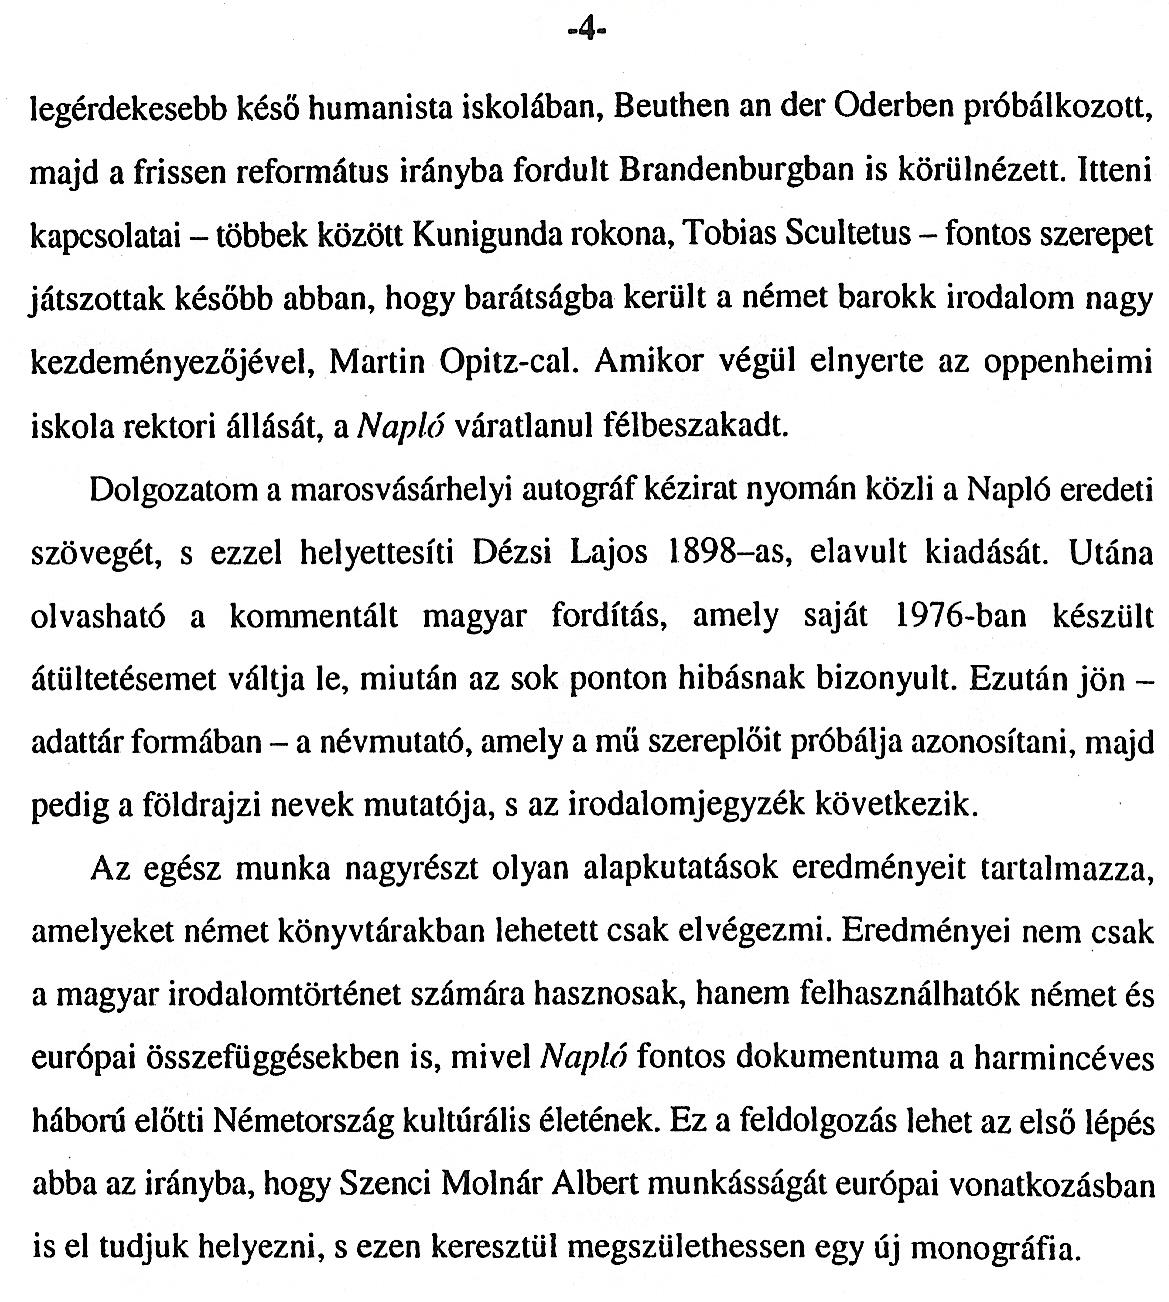 hagyományos önéletrajz minta diákoknak 2010 május « Jhnnsclvn's blog hagyományos önéletrajz minta diákoknak